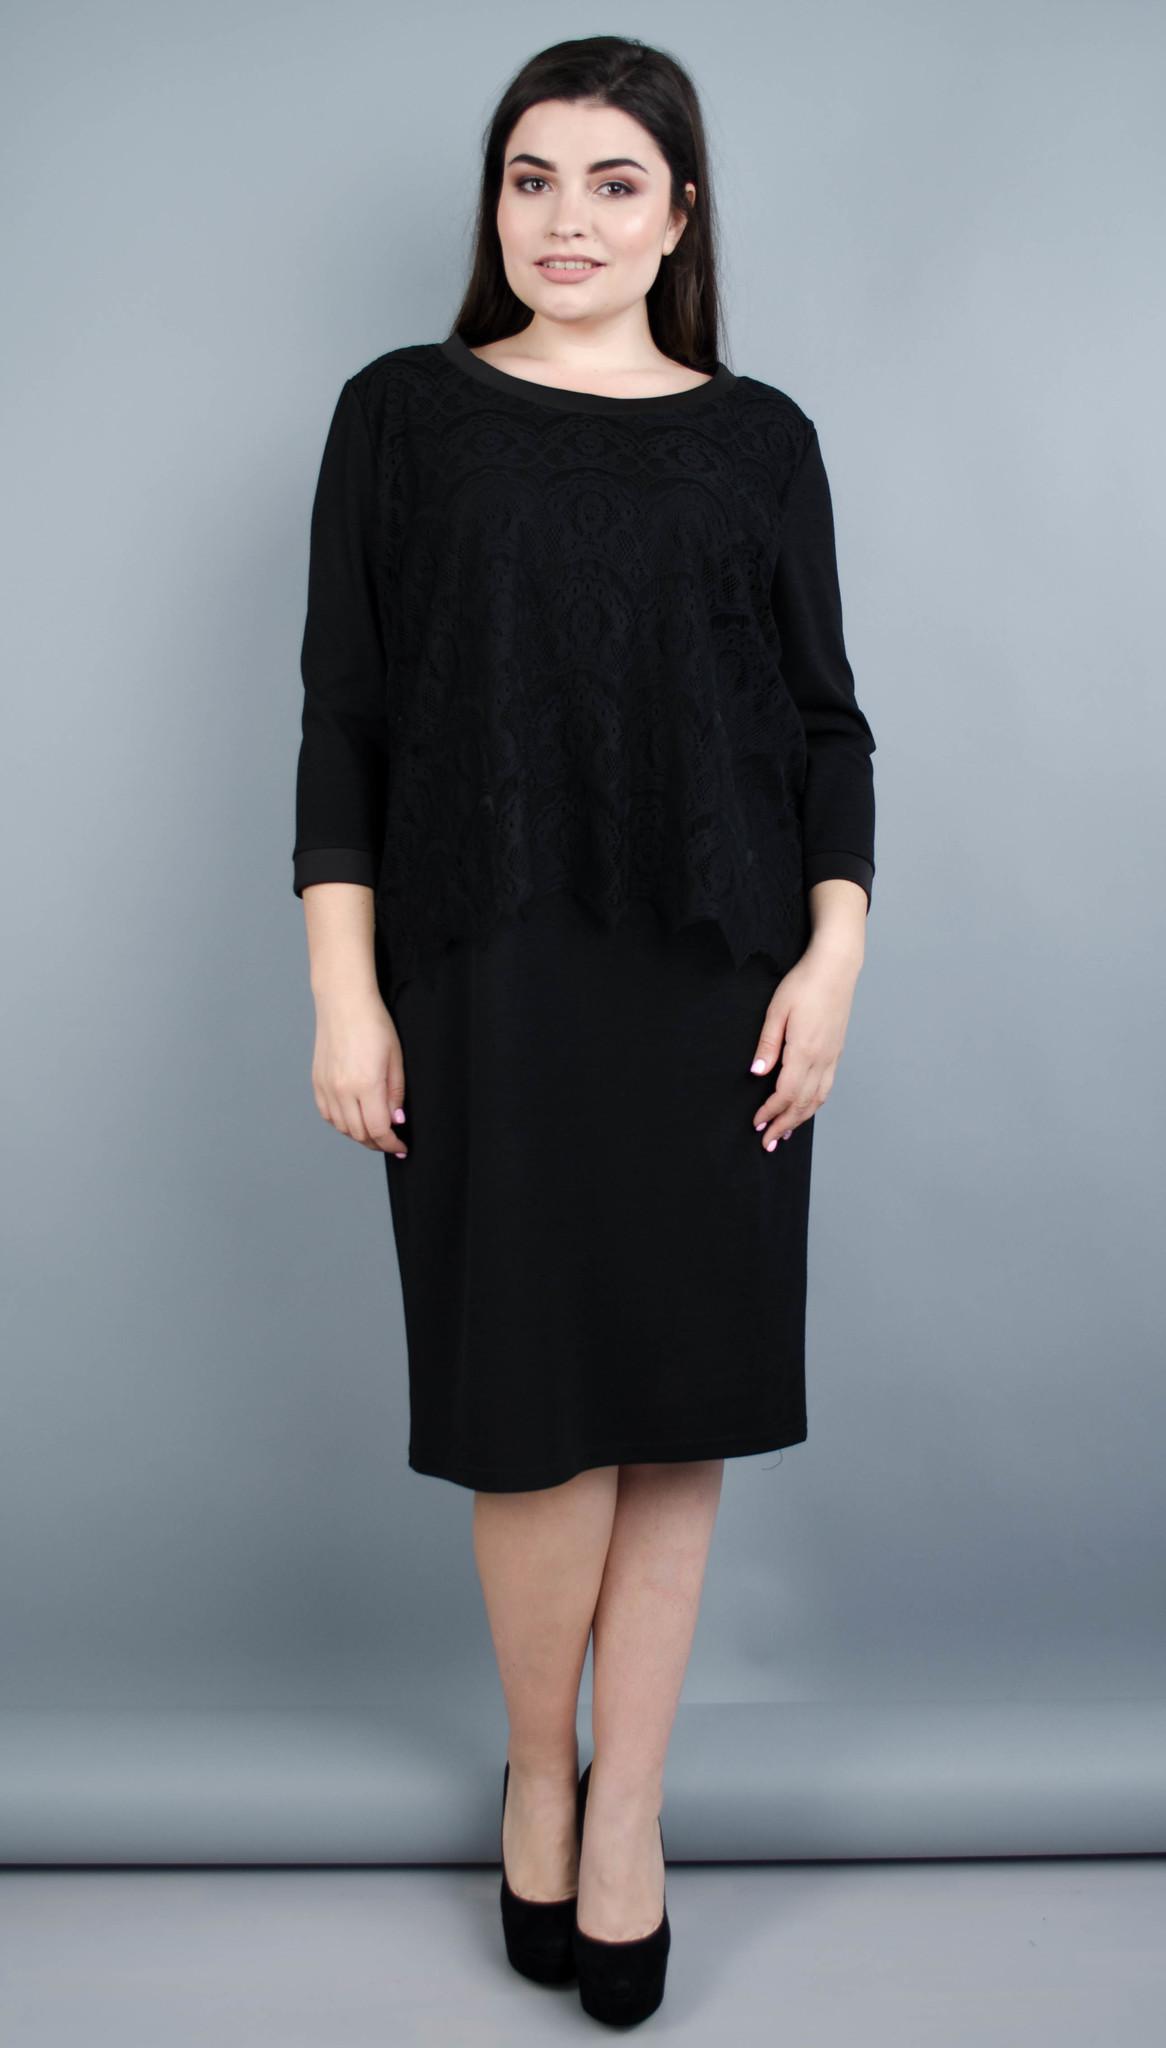 Вінтаж. Оригінальна жіноча сукня плюс сайз. Чорний.